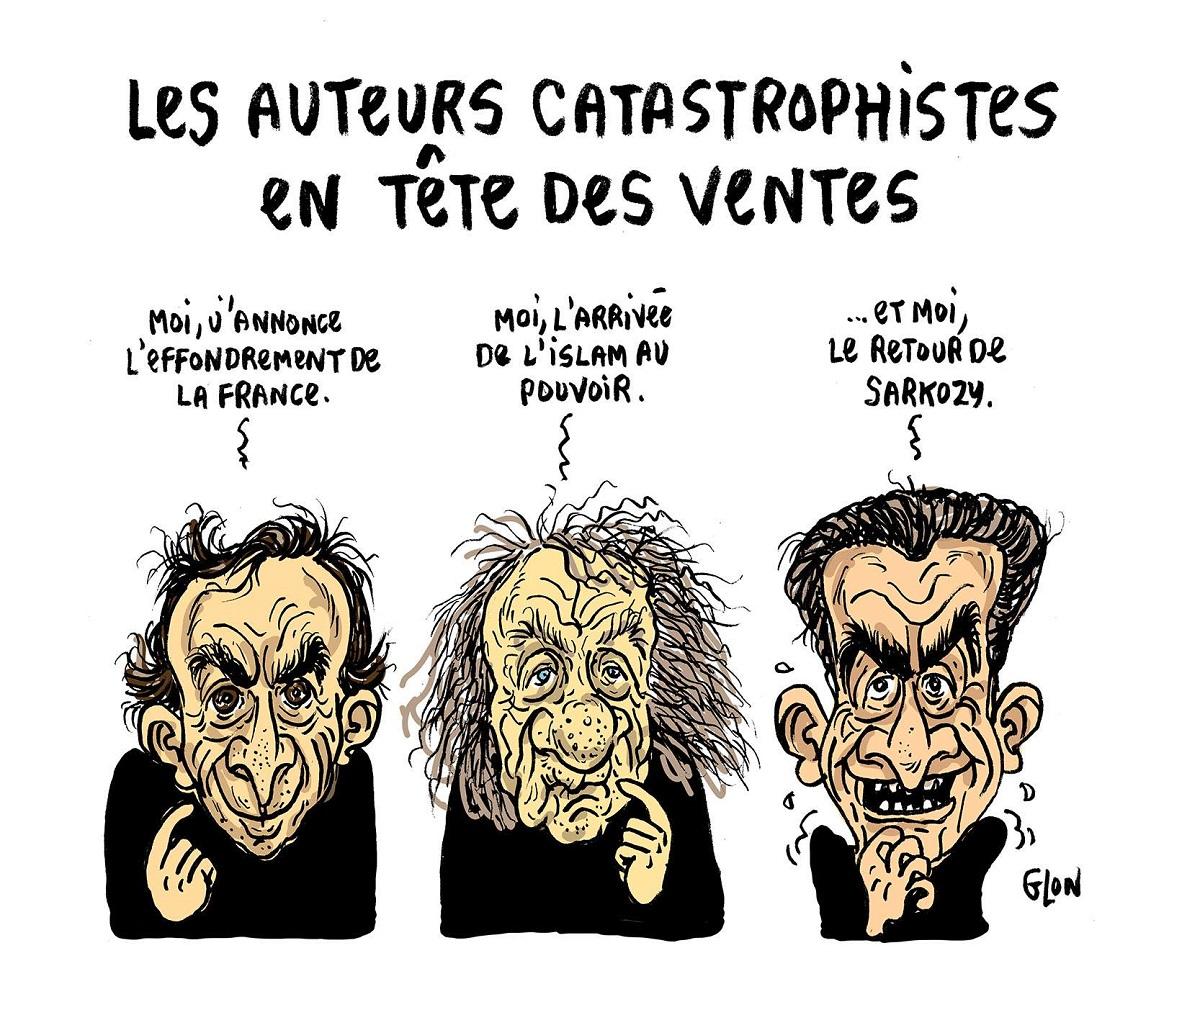 """dessin humoristique d""""Eric Zemmour, Michel Houellebecq et Nicolas Sarkozy en tant qu'auteurs de livres catastrophes"""